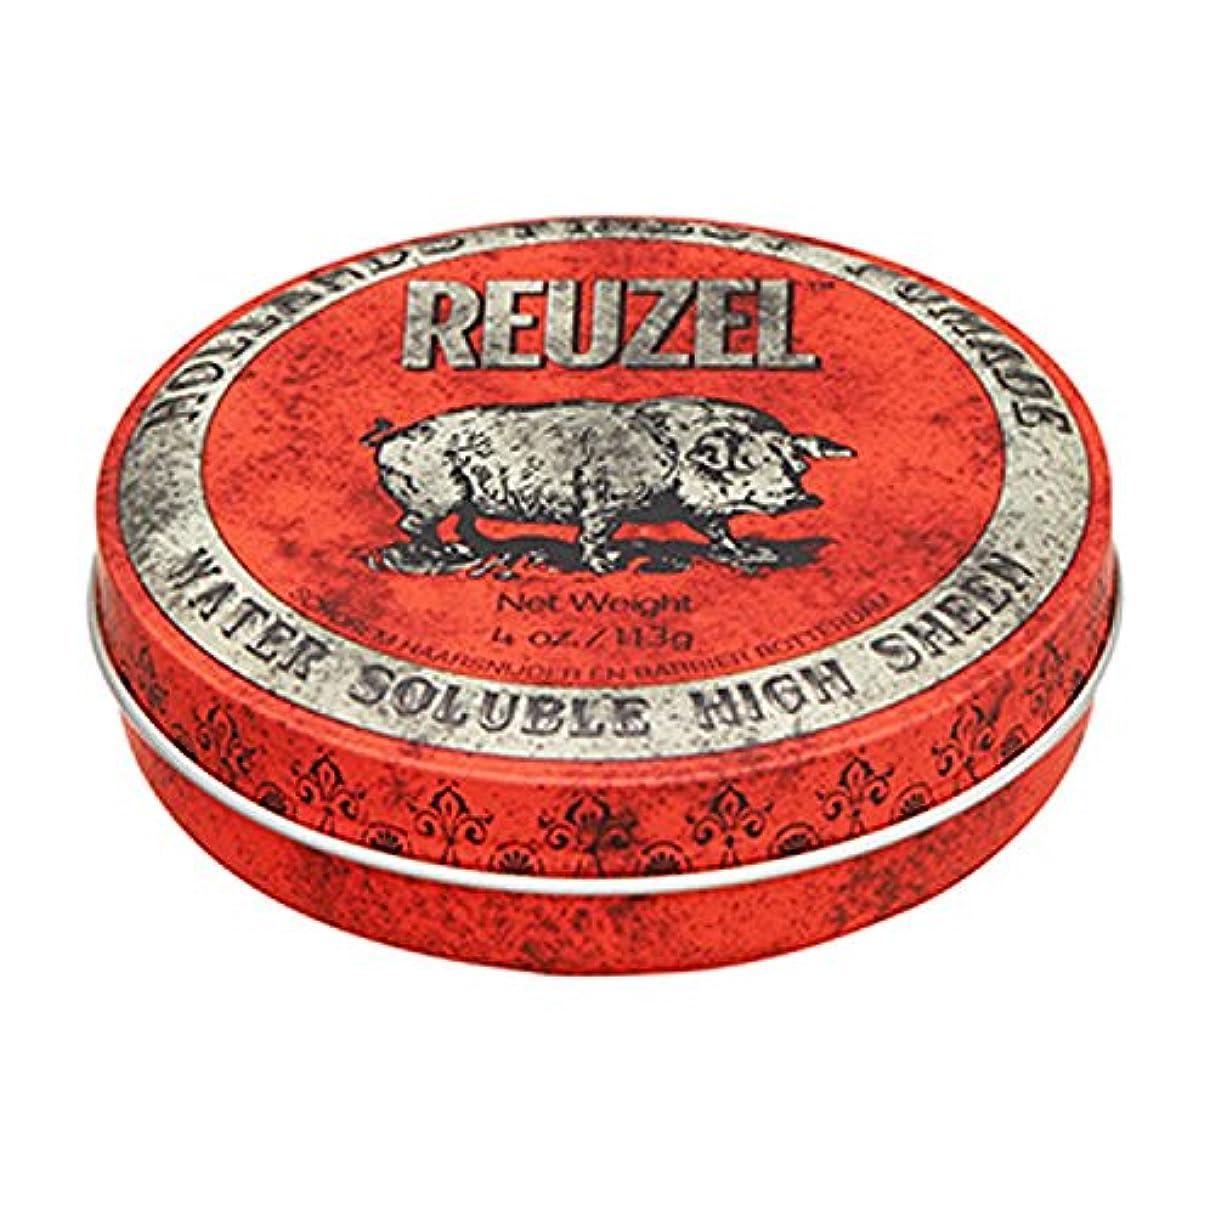 独創的きらきらブロッサムルーゾー REUZEL HIGH SHEEN ノーマルホールド レッド 113g